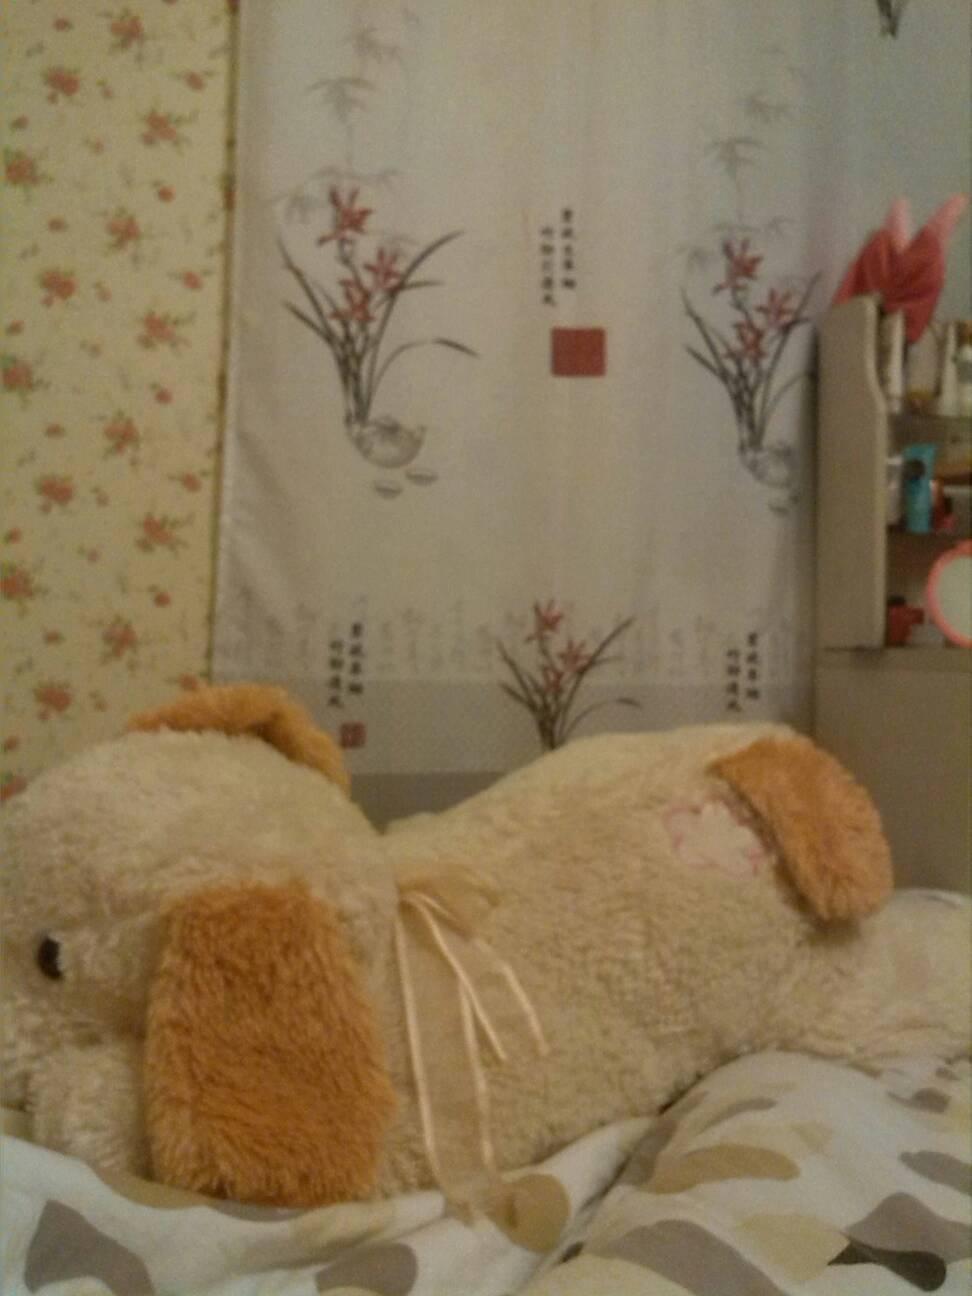 涩涩片哪里有_为什么躺在沙发上看电视很想睡觉,等我洗完澡躺在床上睡不着,眼睛涩涩